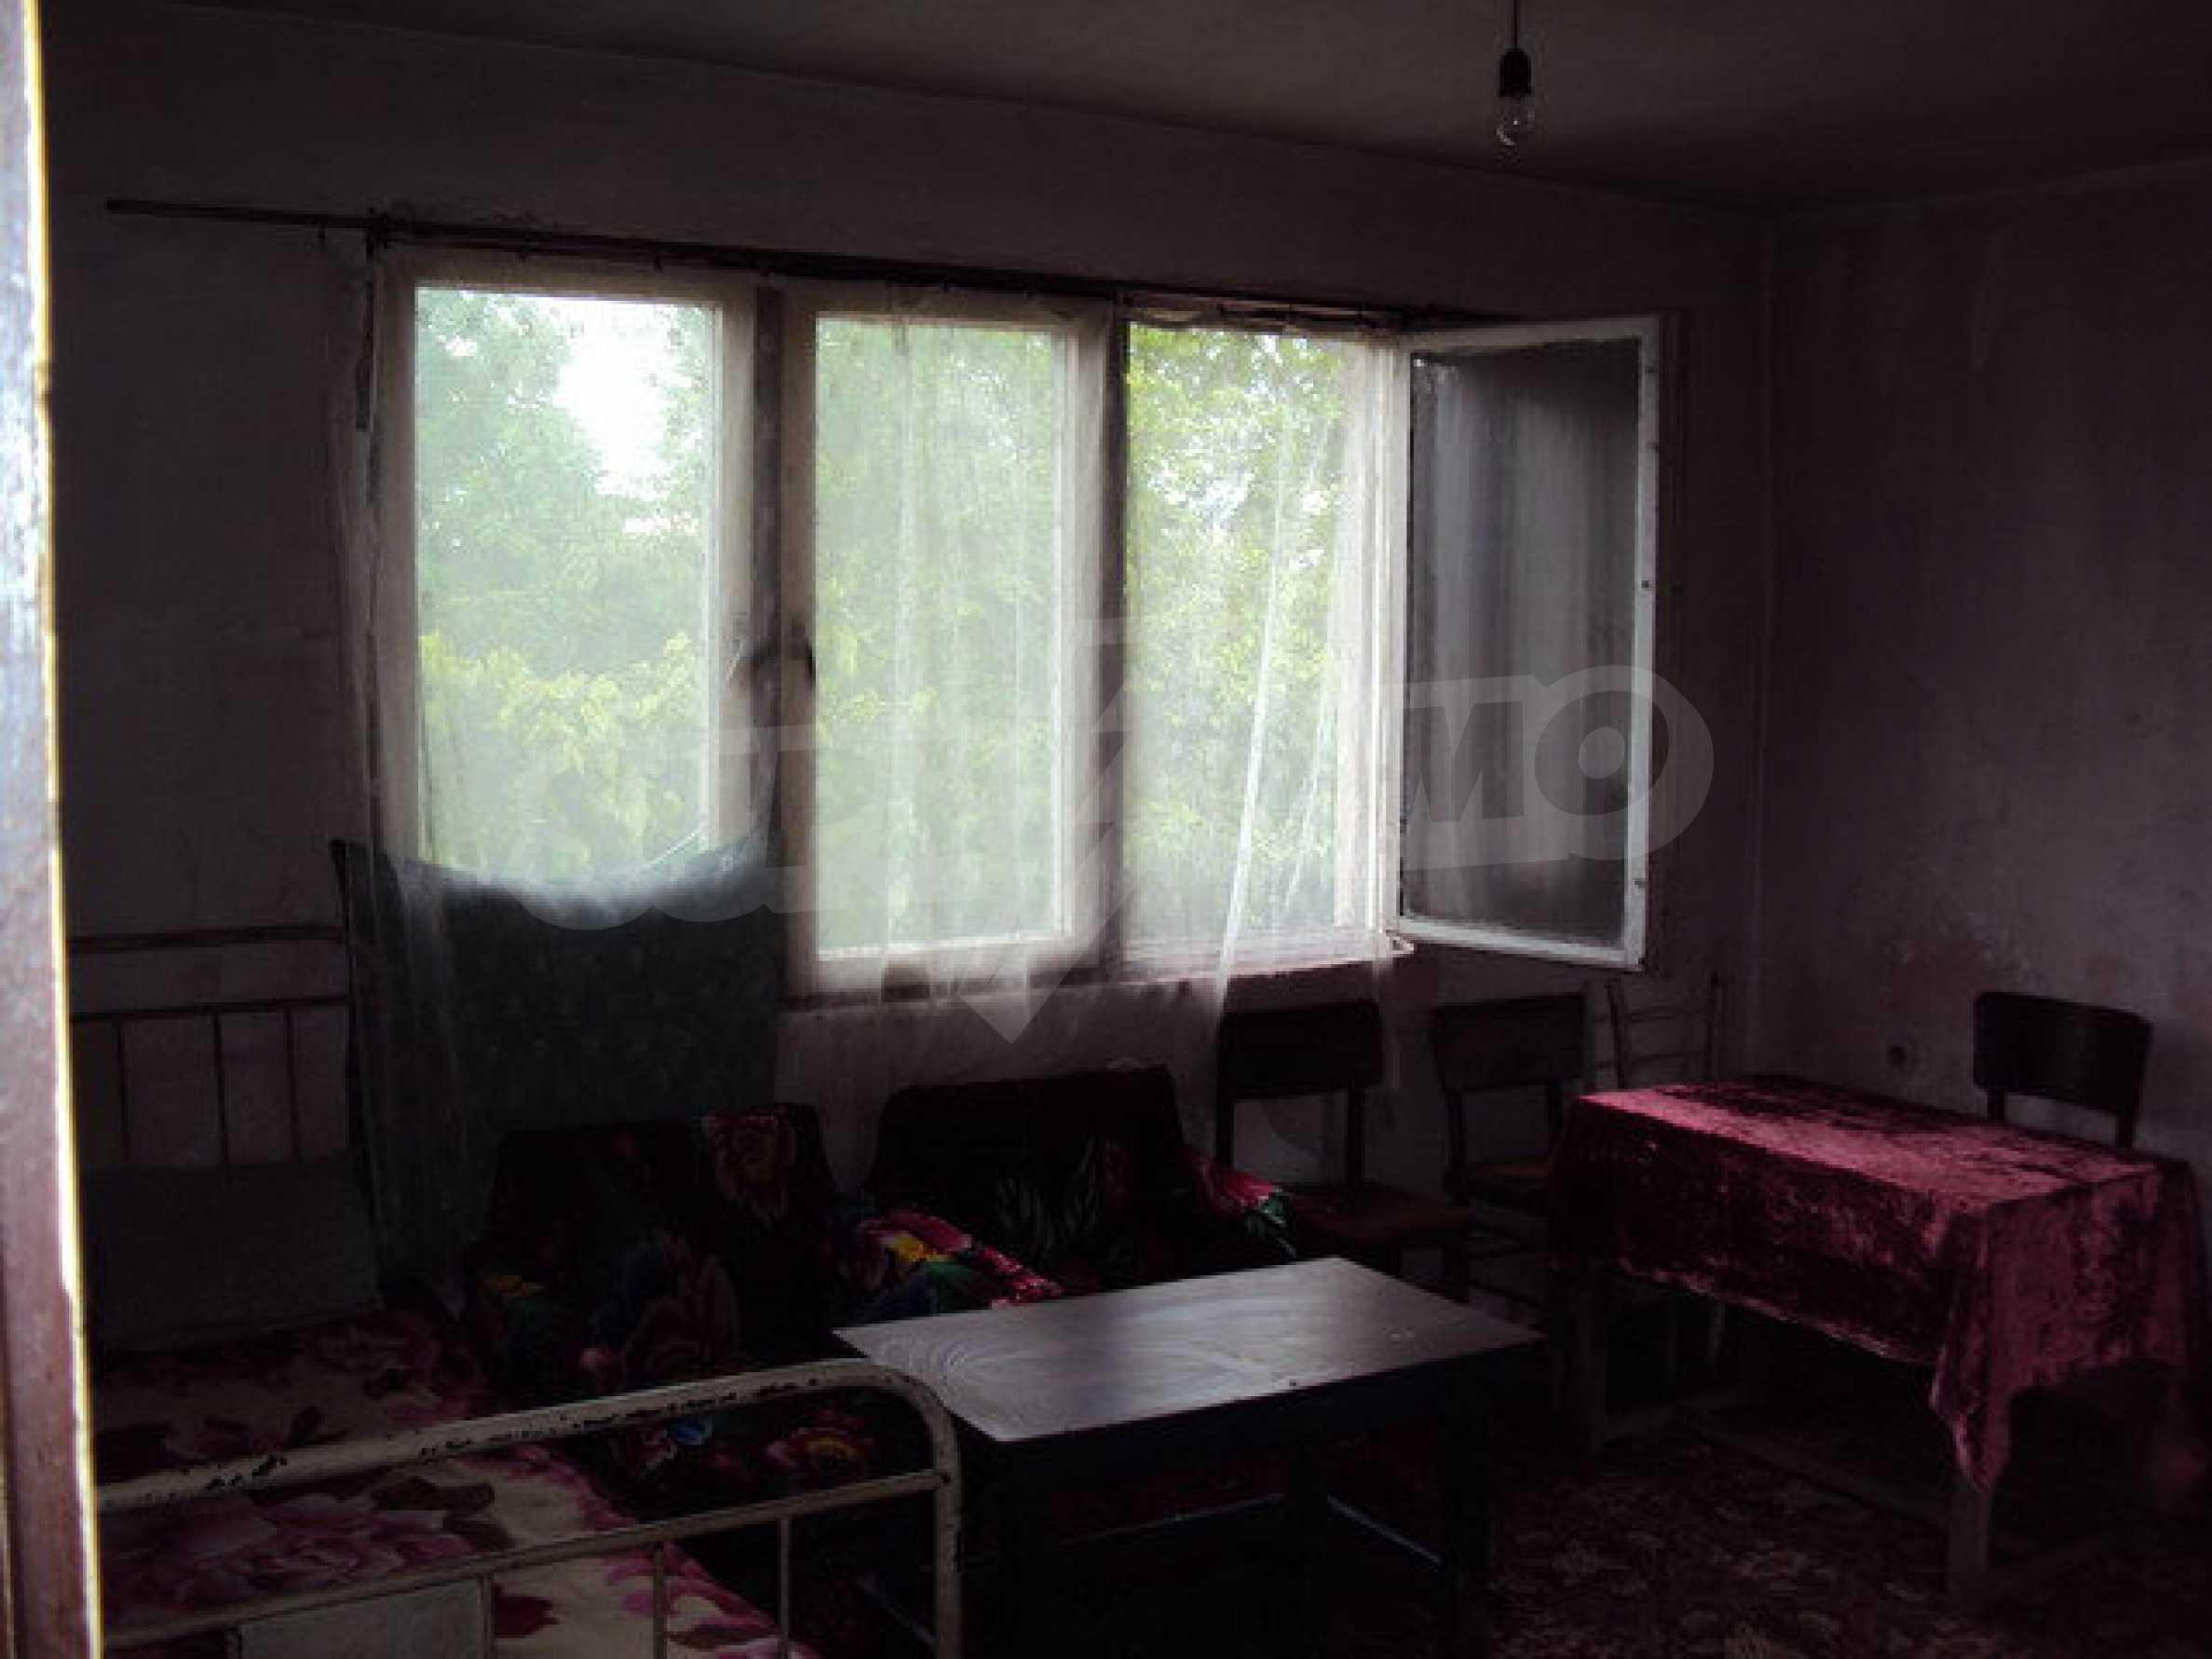 Zweistöckiges Landhaus mit Garten 50 km. von der alten Hauptstadt Veliko Tarnovo 23